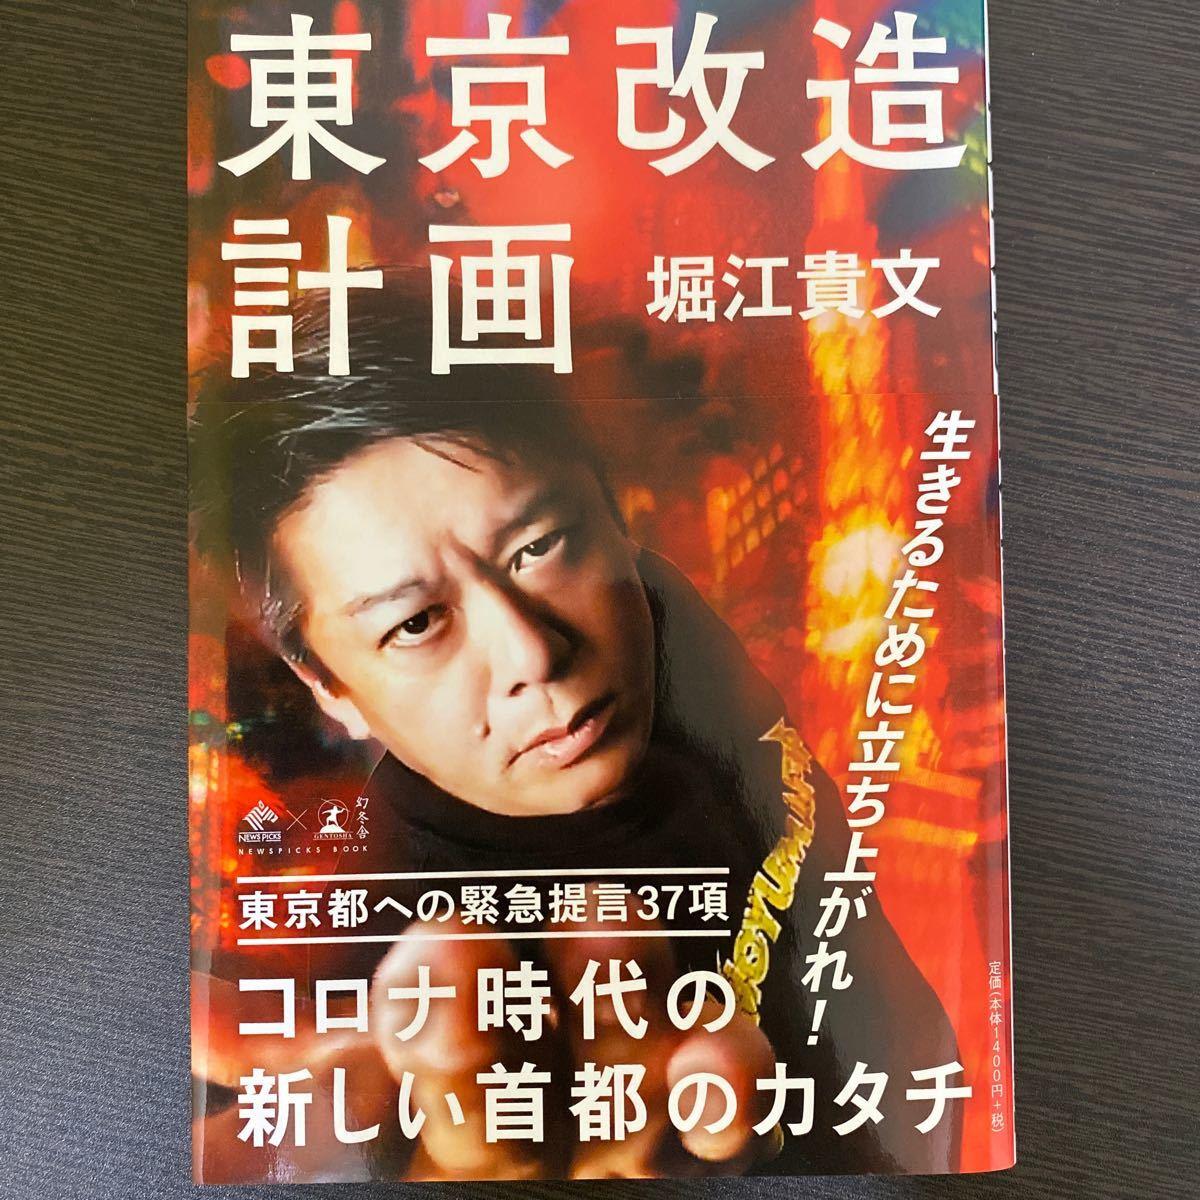 東京改造計画   /幻冬舎/堀江貴文 (単行本) 中古